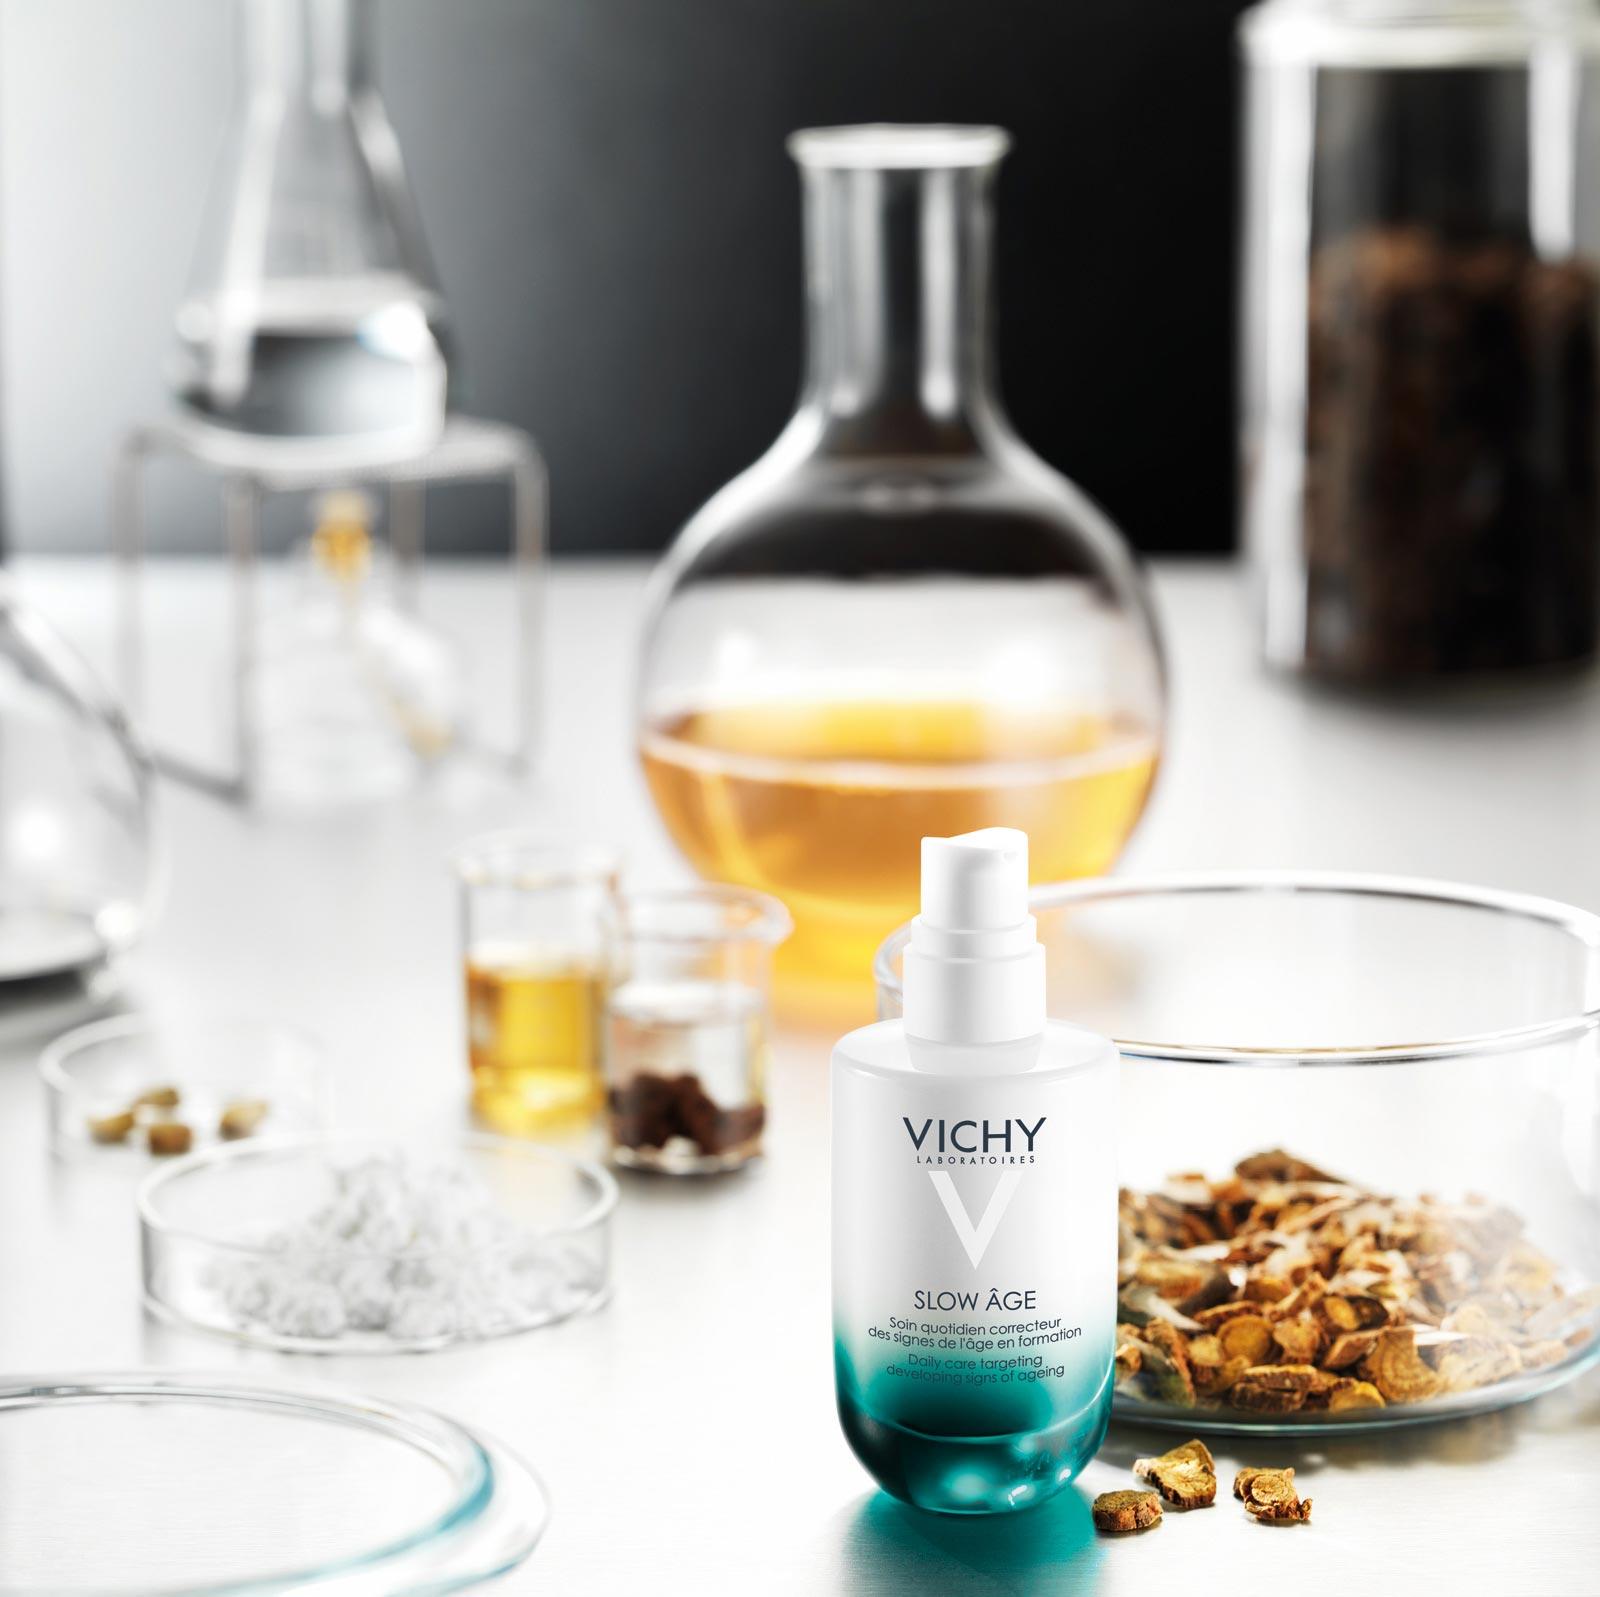 vichy slow age cream in laboratory